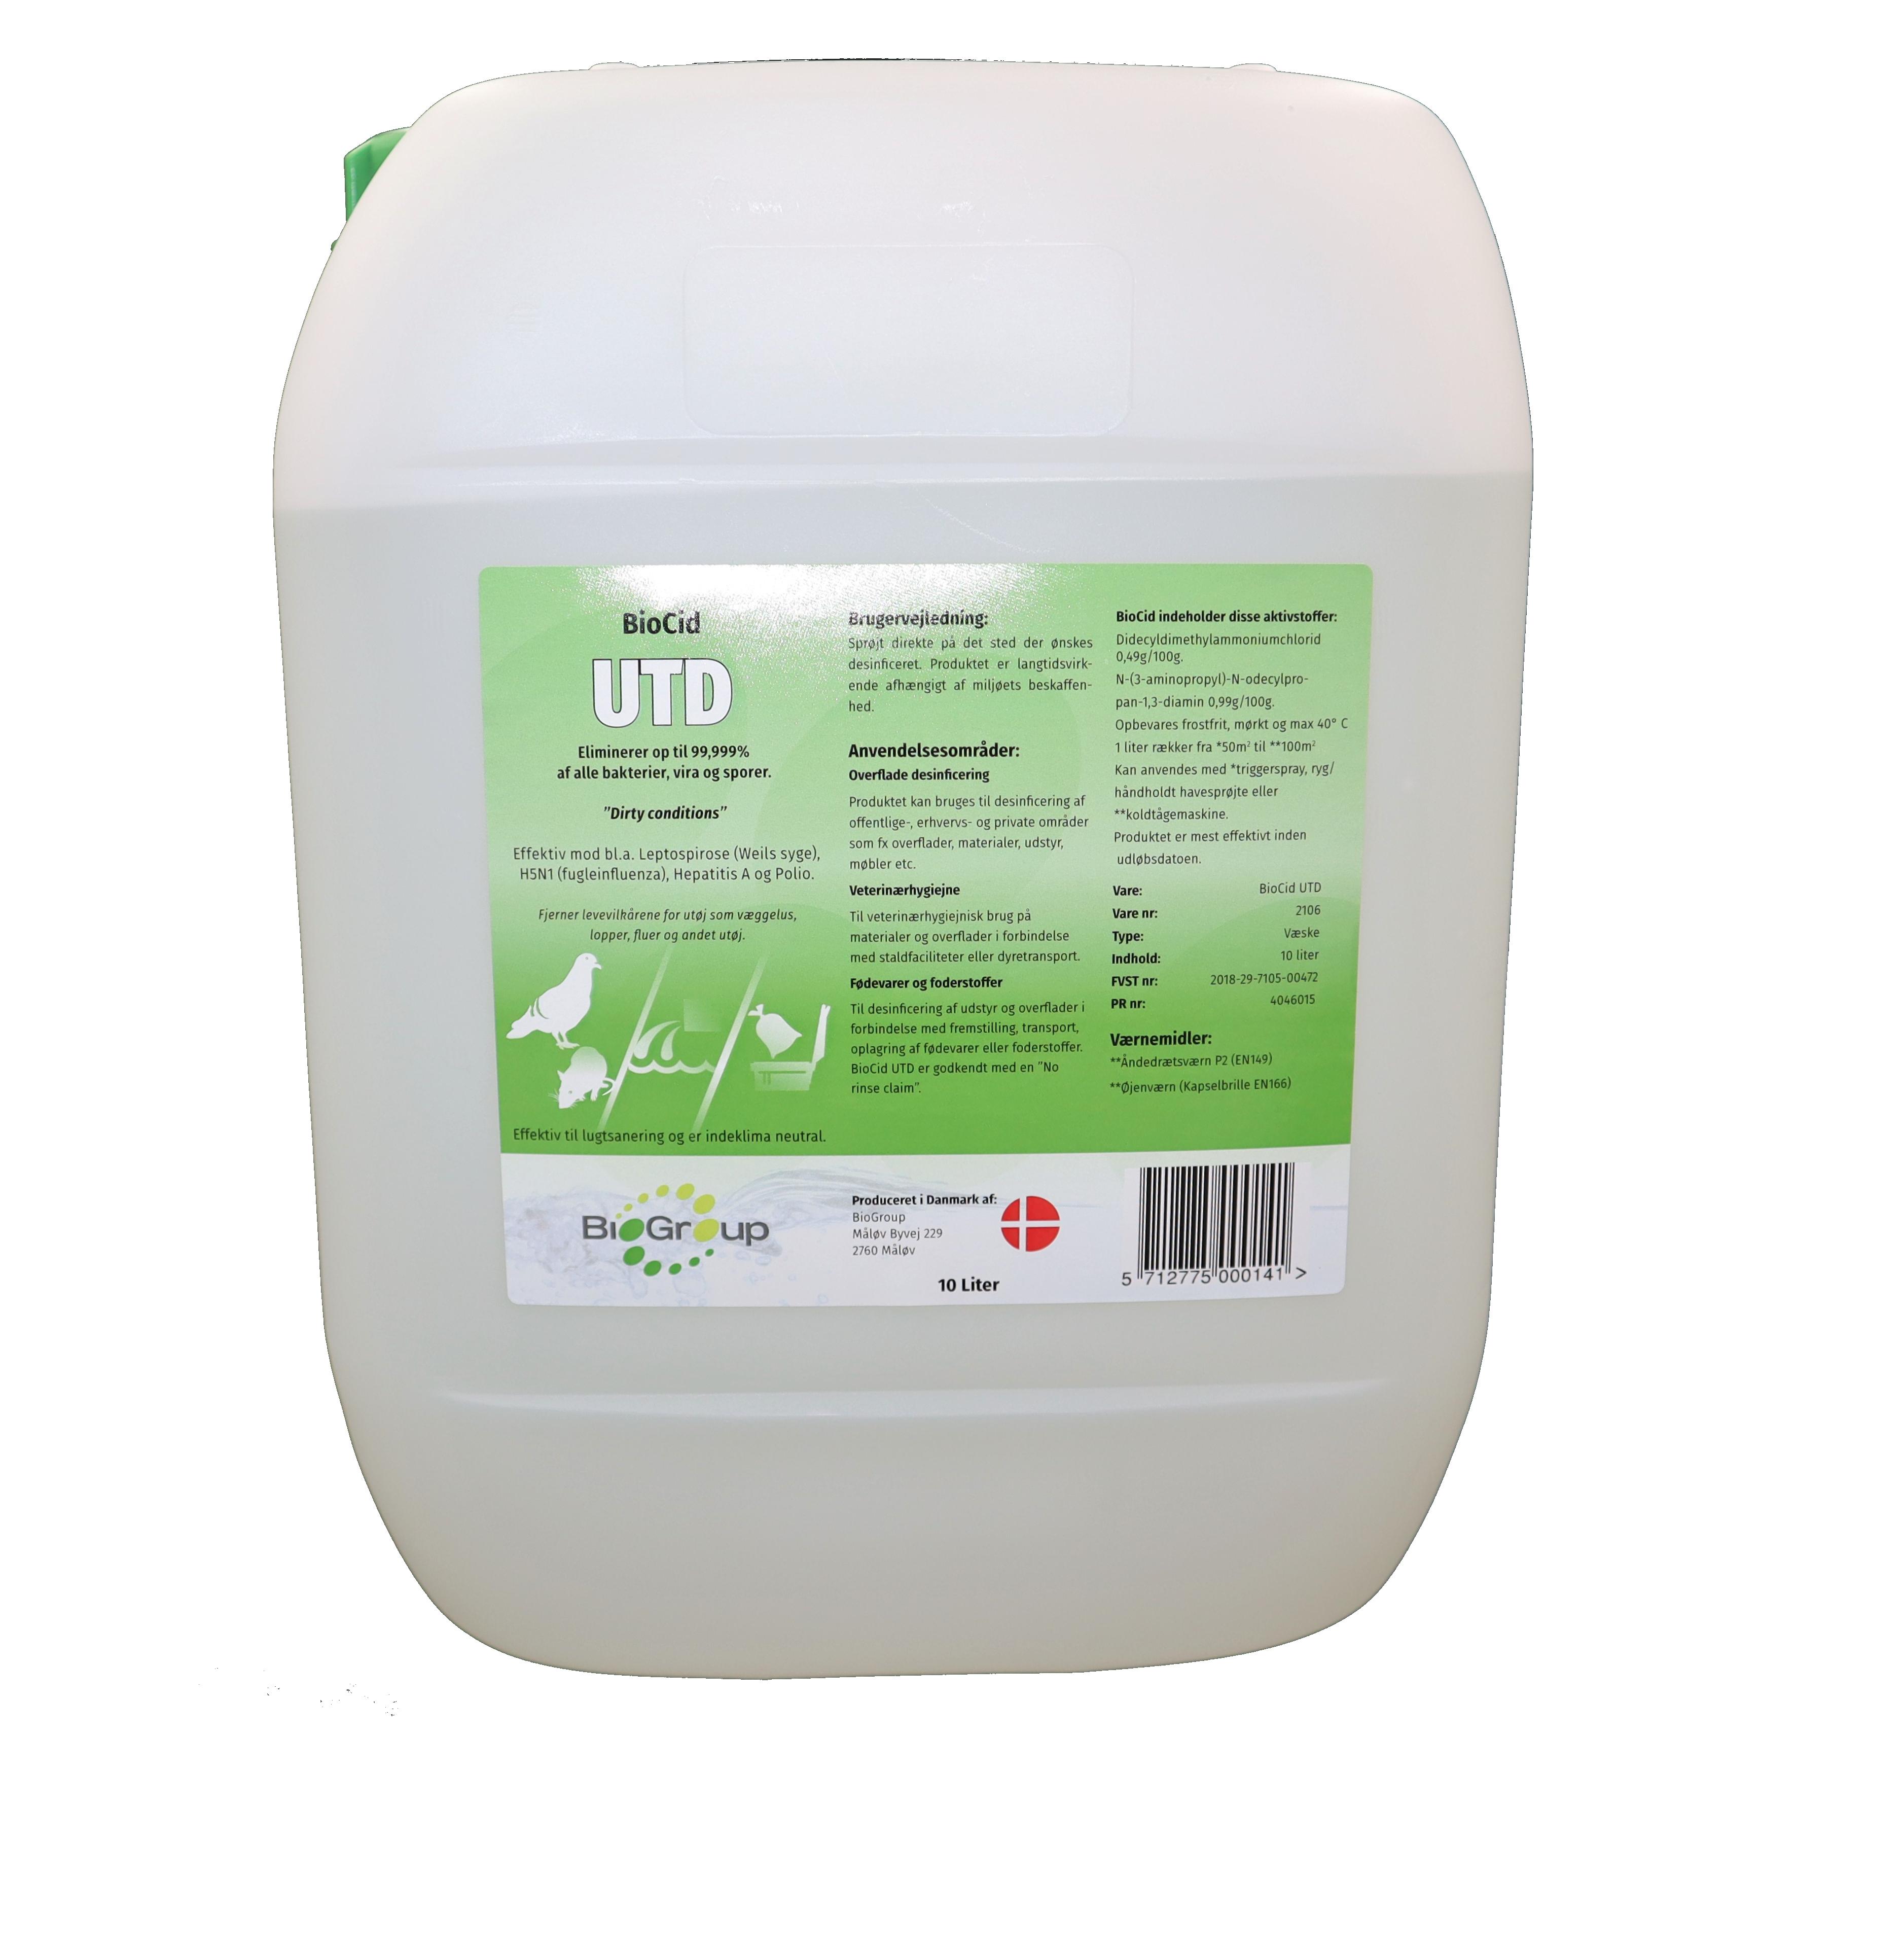 BioCid UTD 10 L